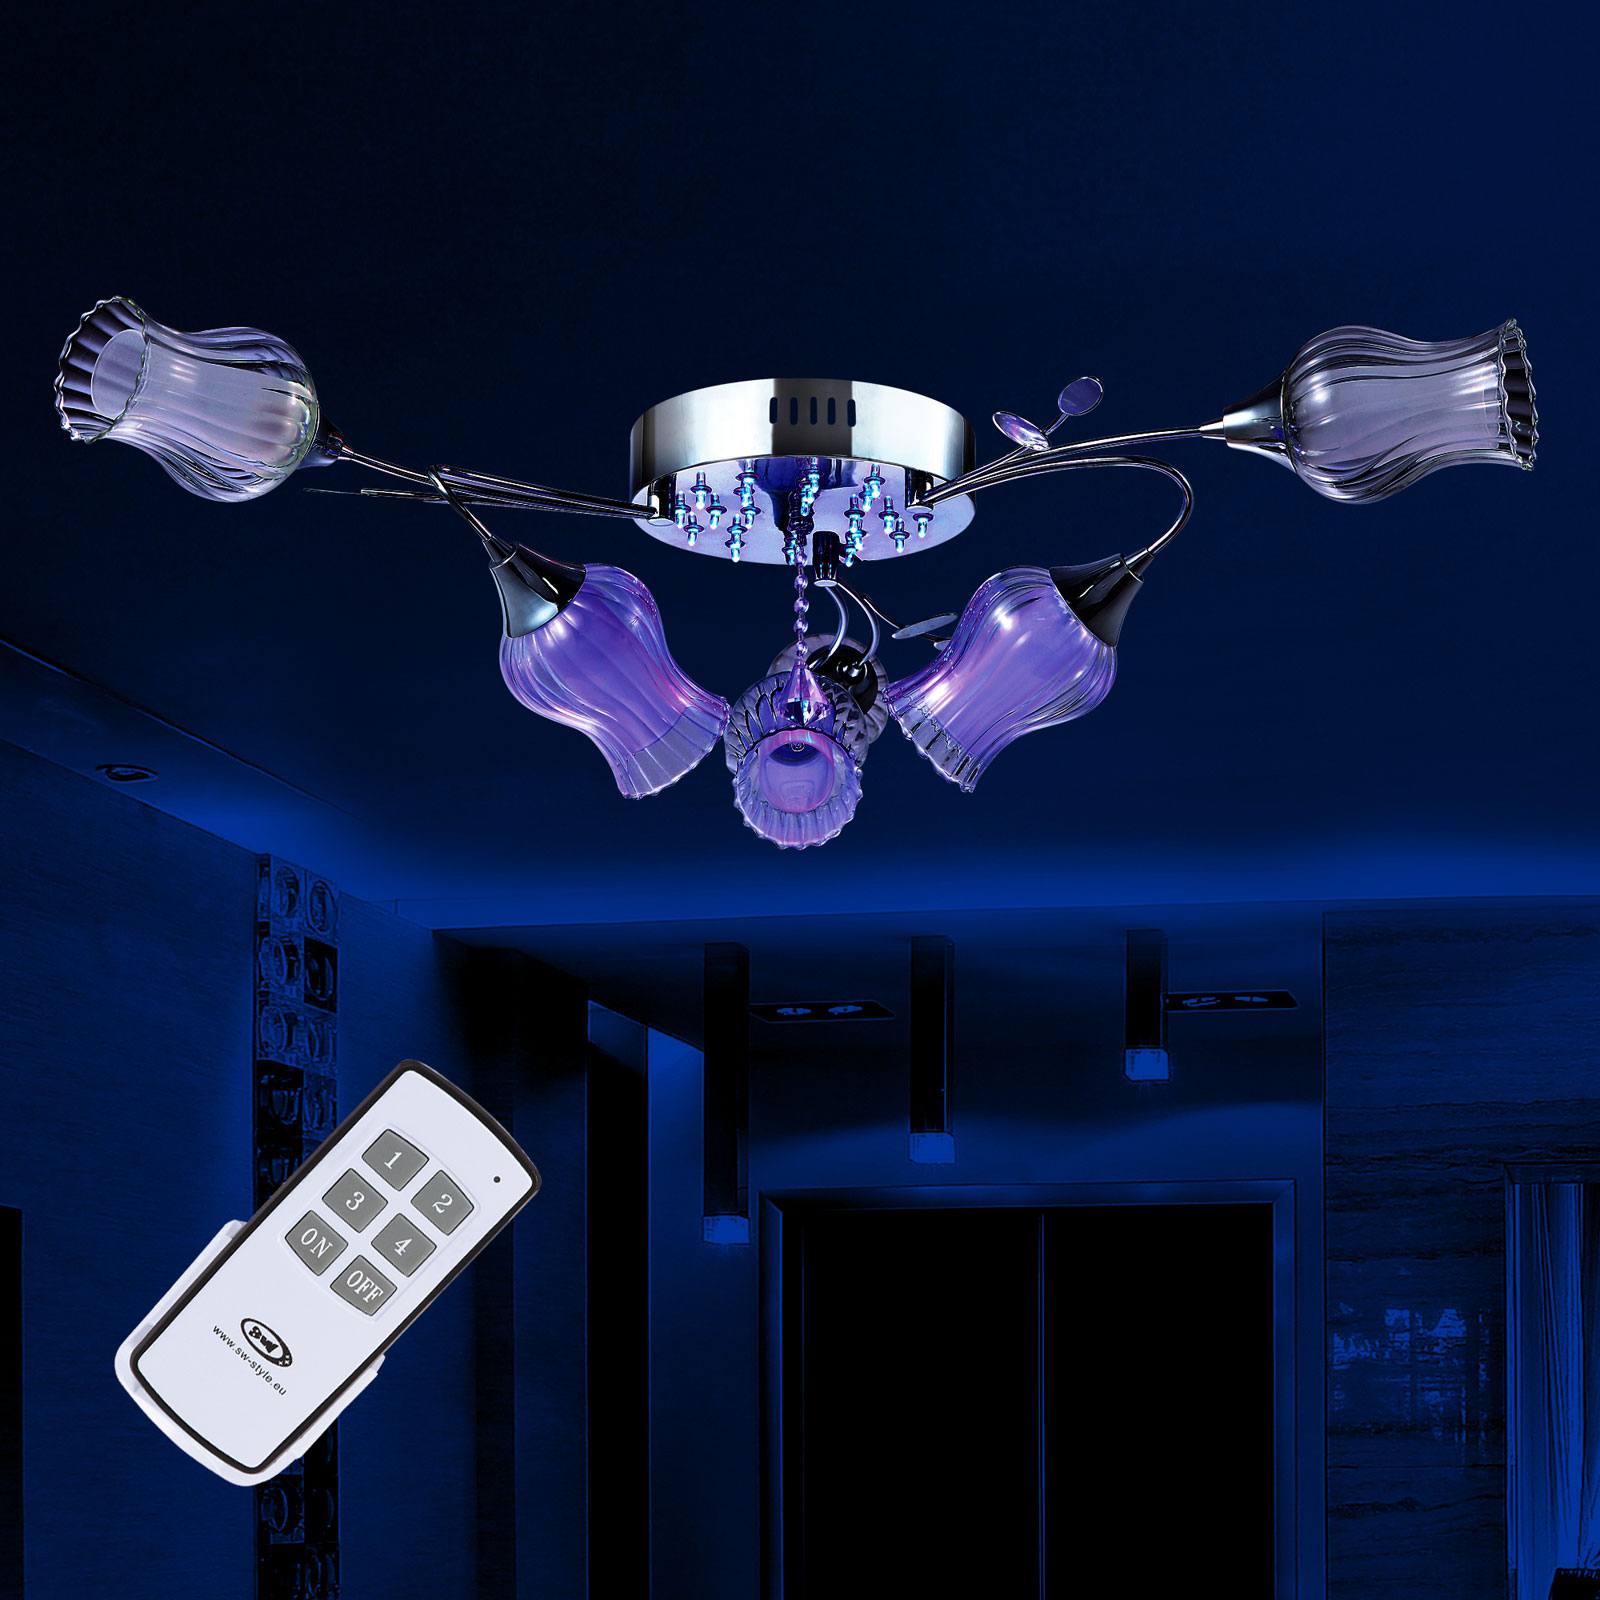 Full Size of Led Wohnzimmer Deckenleuchte Spiegel Bad Beleuchtung Küche Anbauwand Badezimmer Gardine Bilder Fürs Big Sofa Leder Xxl Deckenleuchten Deckenlampen Modern Wohnzimmer Led Wohnzimmer Deckenleuchte